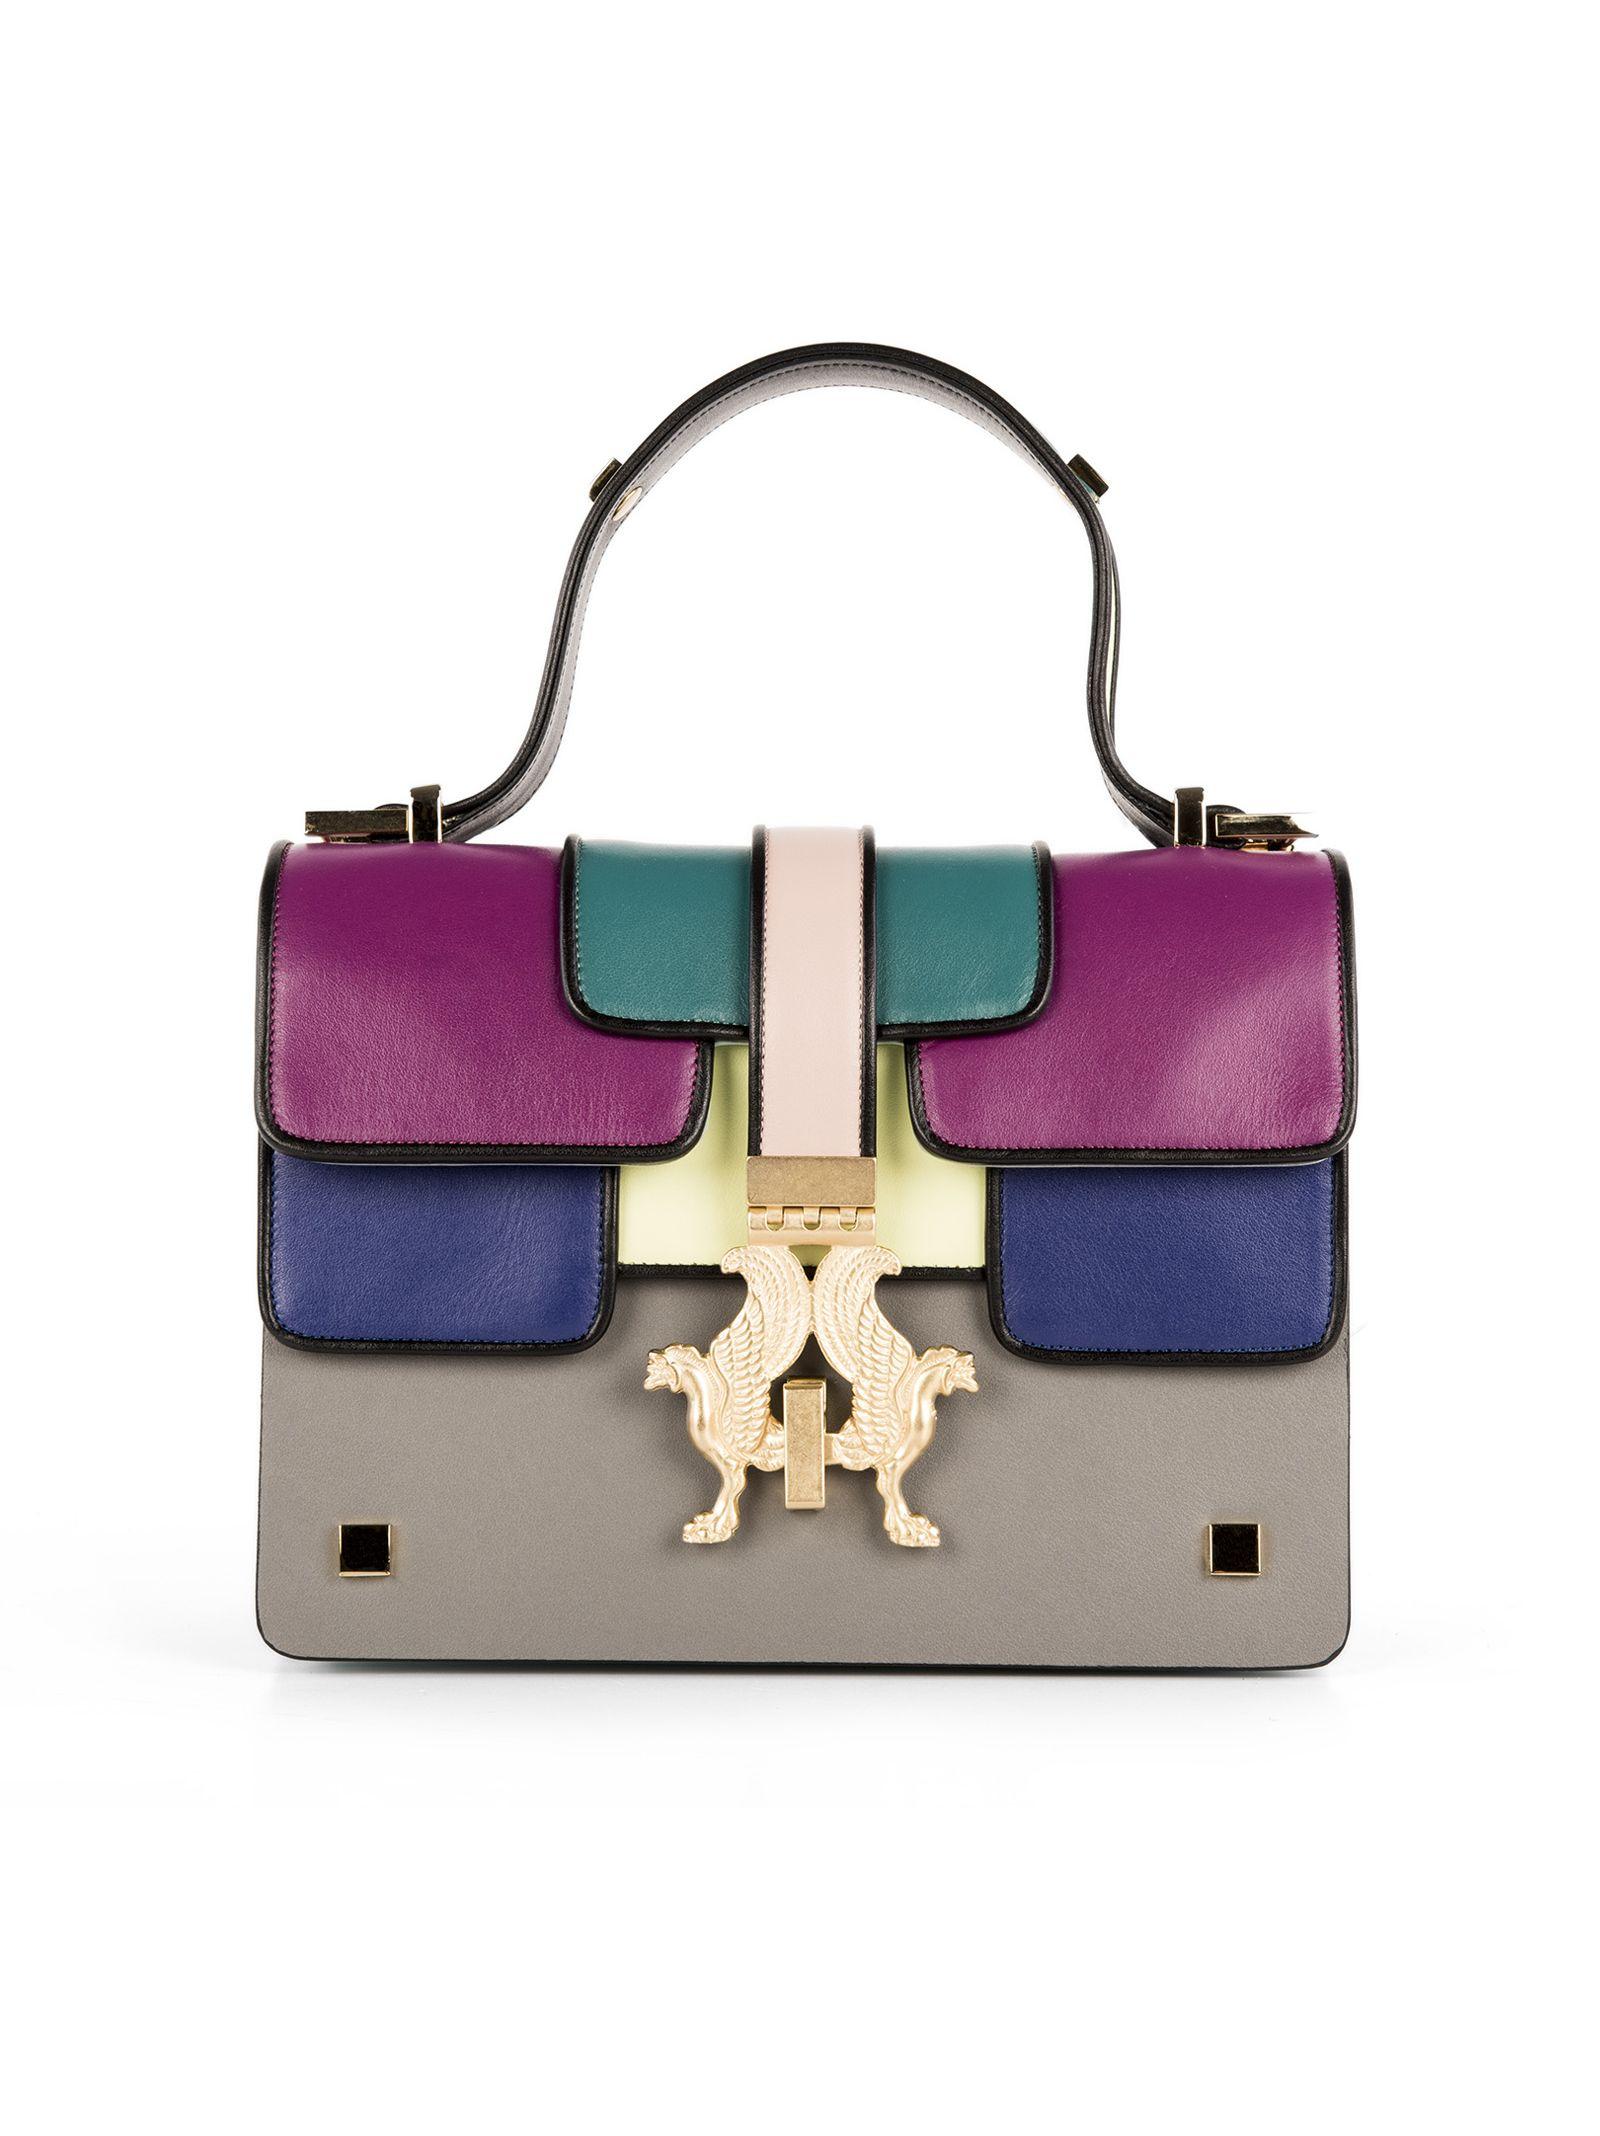 Geantă de damă GIANCARLO PETRIGLIA, fashion, multicoloră